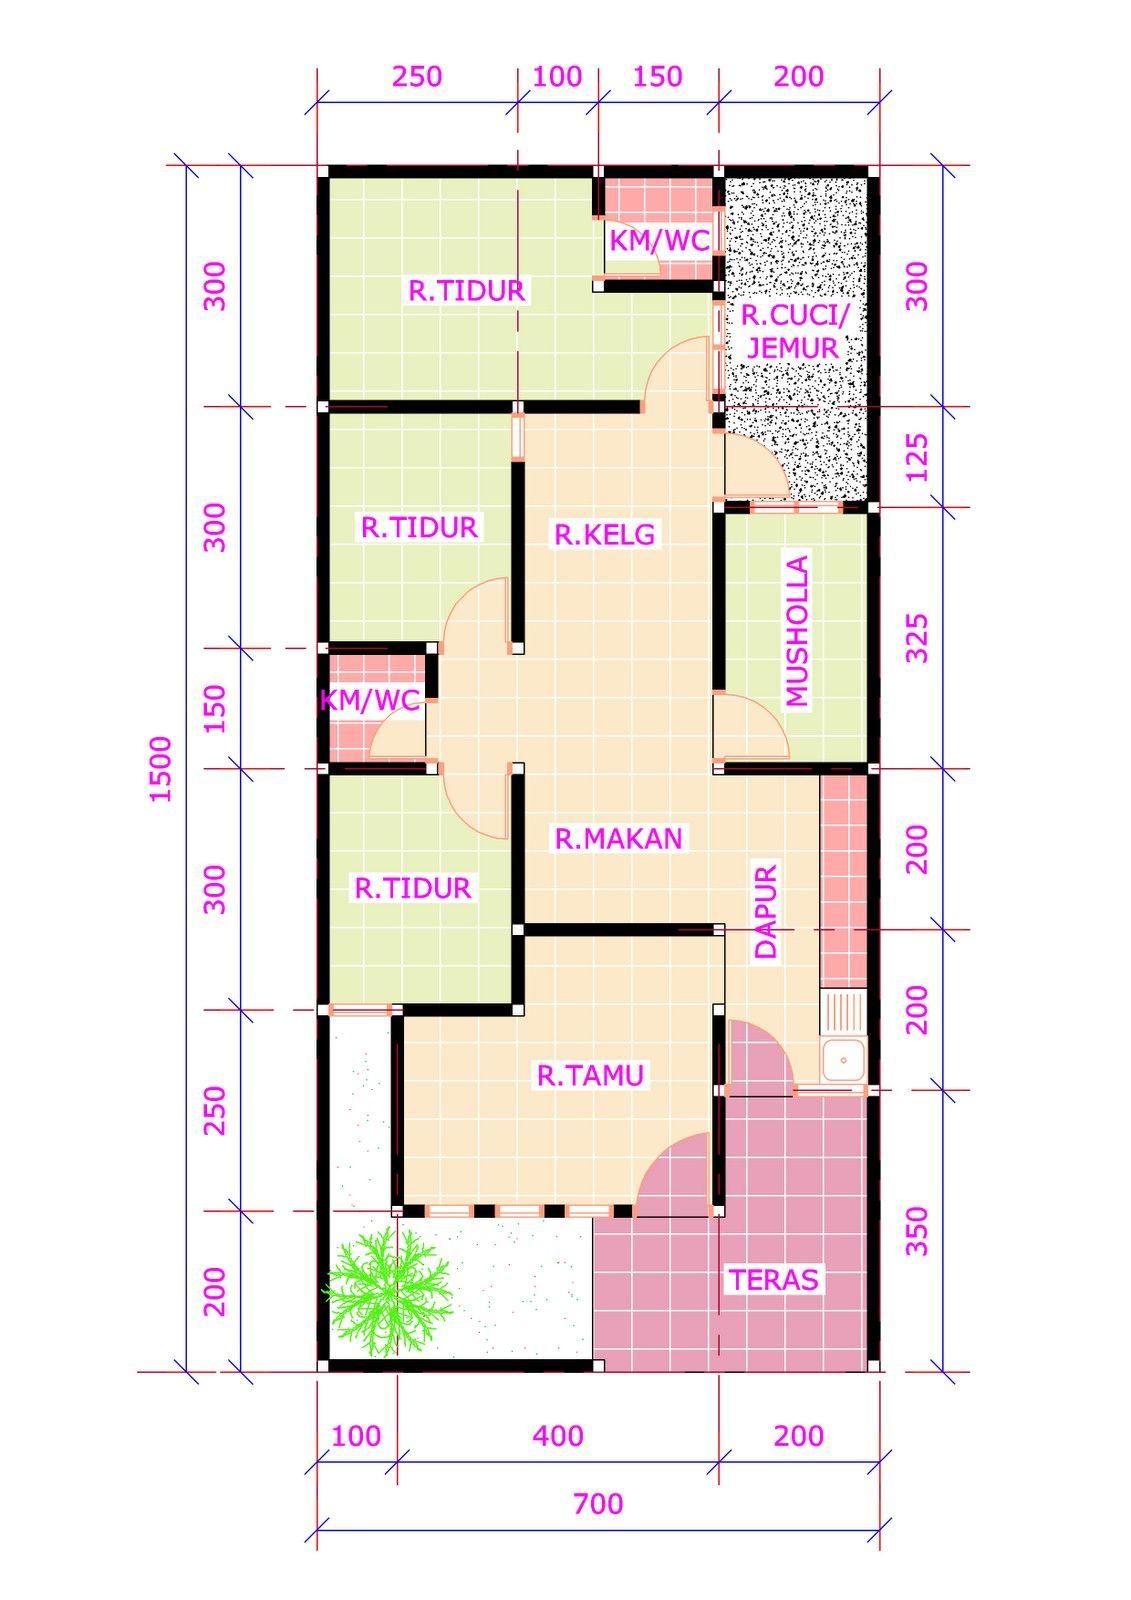 Pin By Habibi On Denah Rumah In 2019 Denah Rumah Desain Rumah